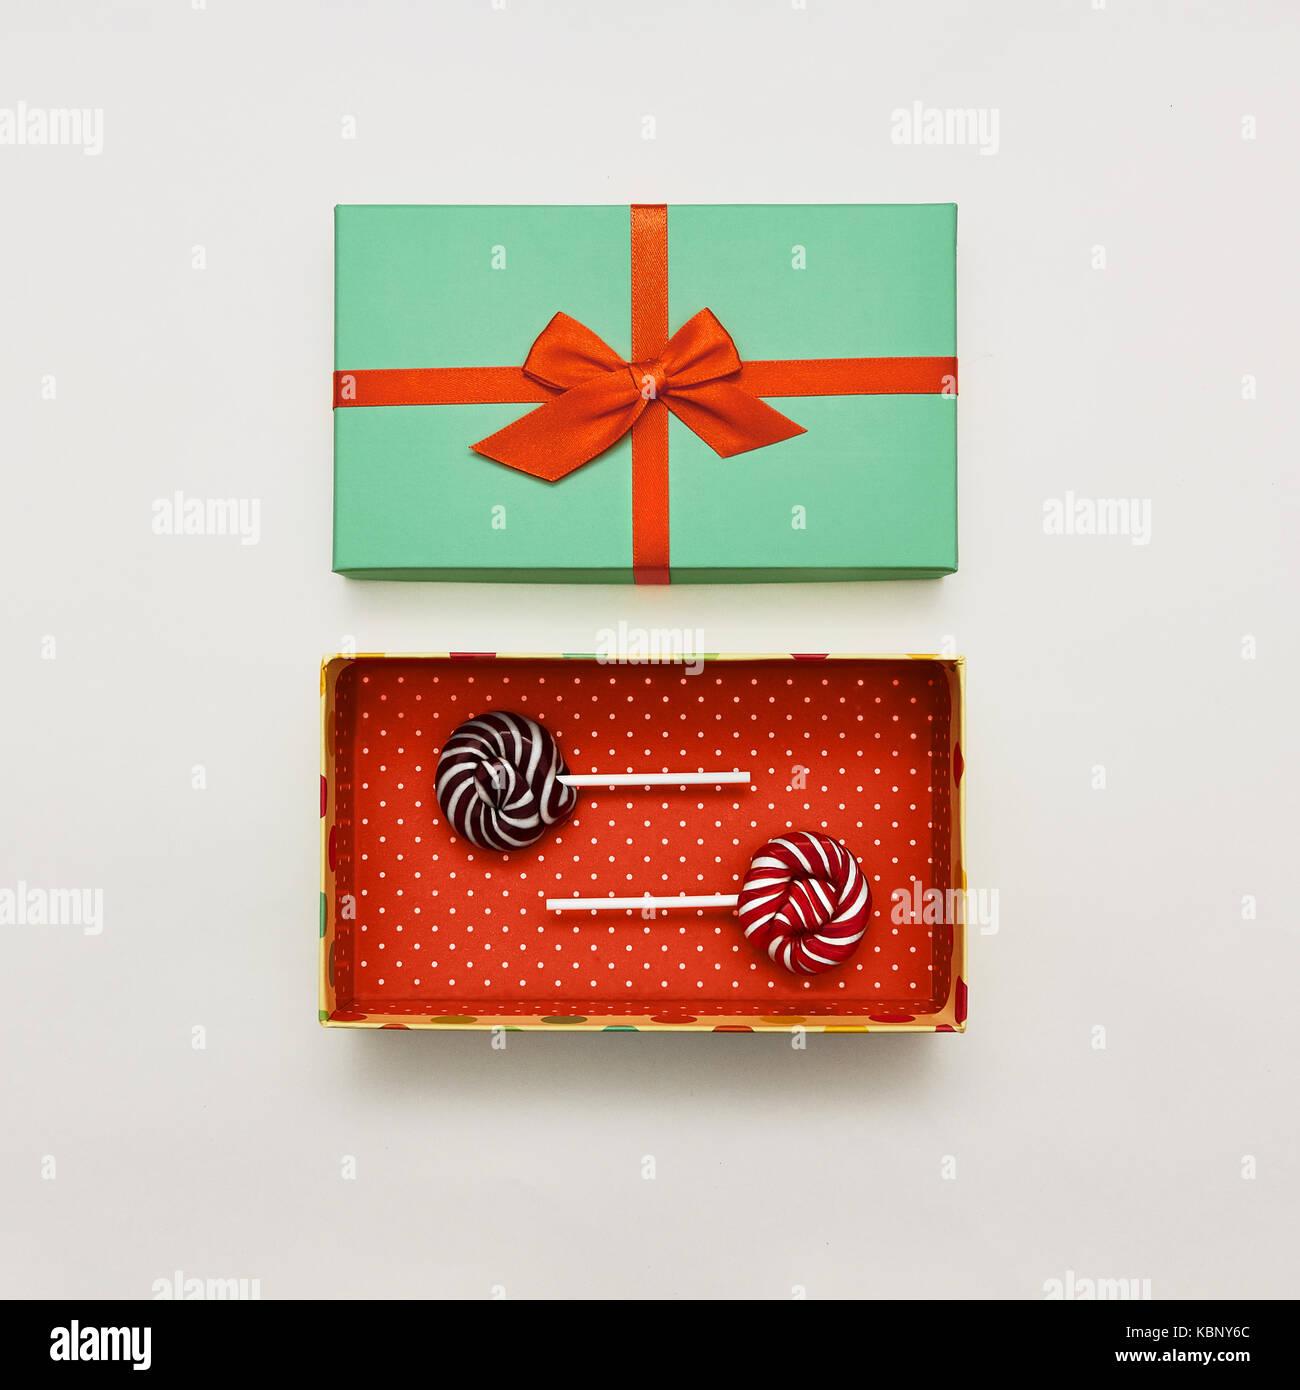 Lollipops télévision coucha avec fond blanc deux sucettes colorées gisent dans boîte cadeau Photo Stock